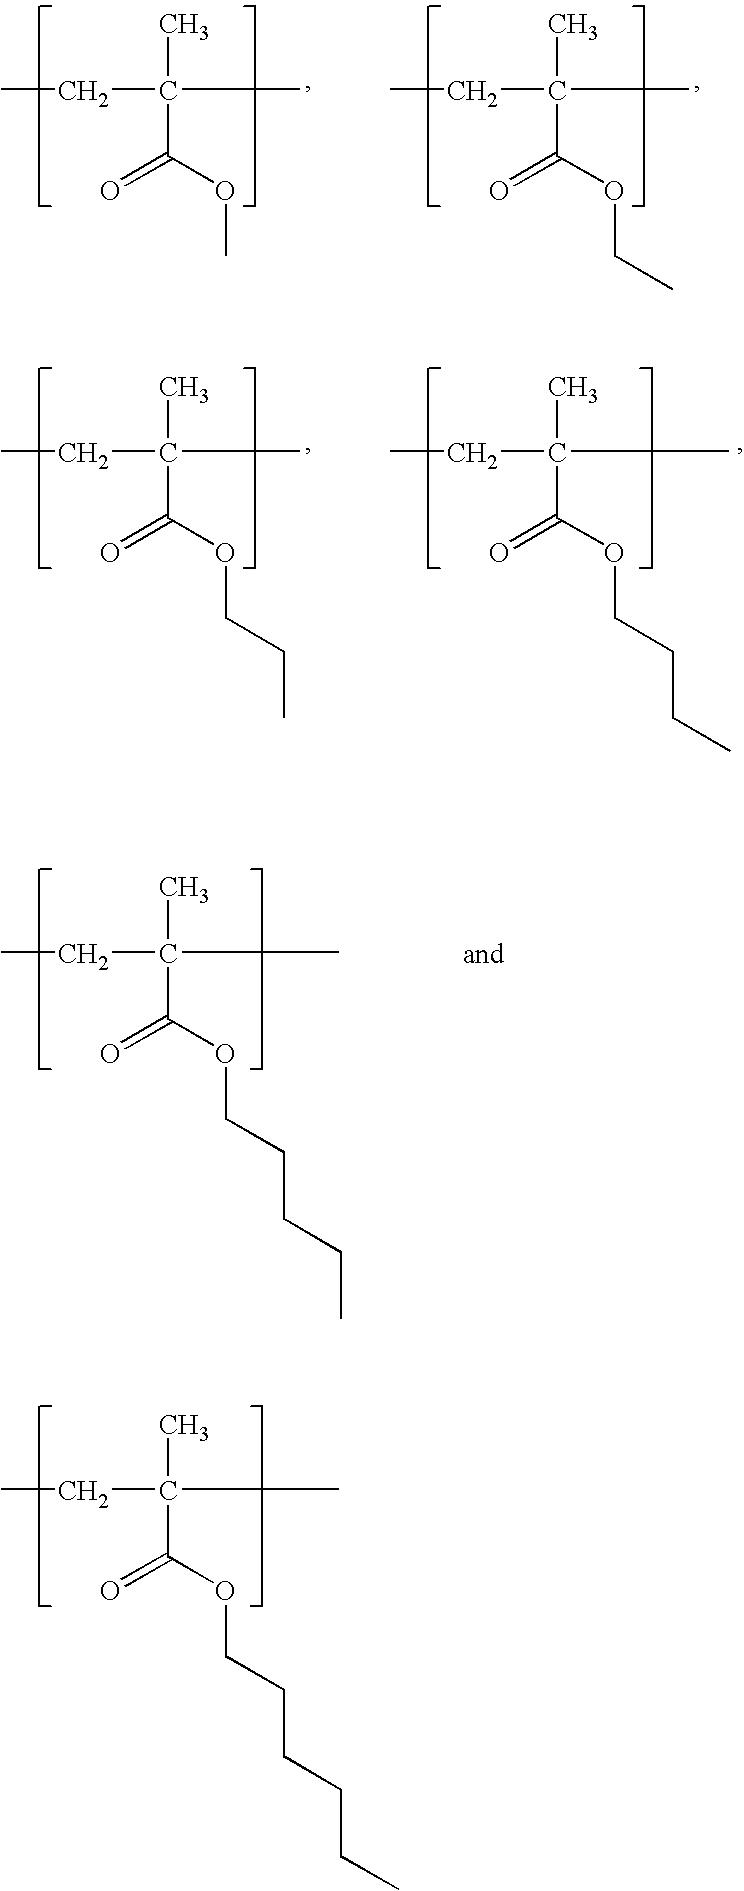 Figure US07935131-20110503-C00066